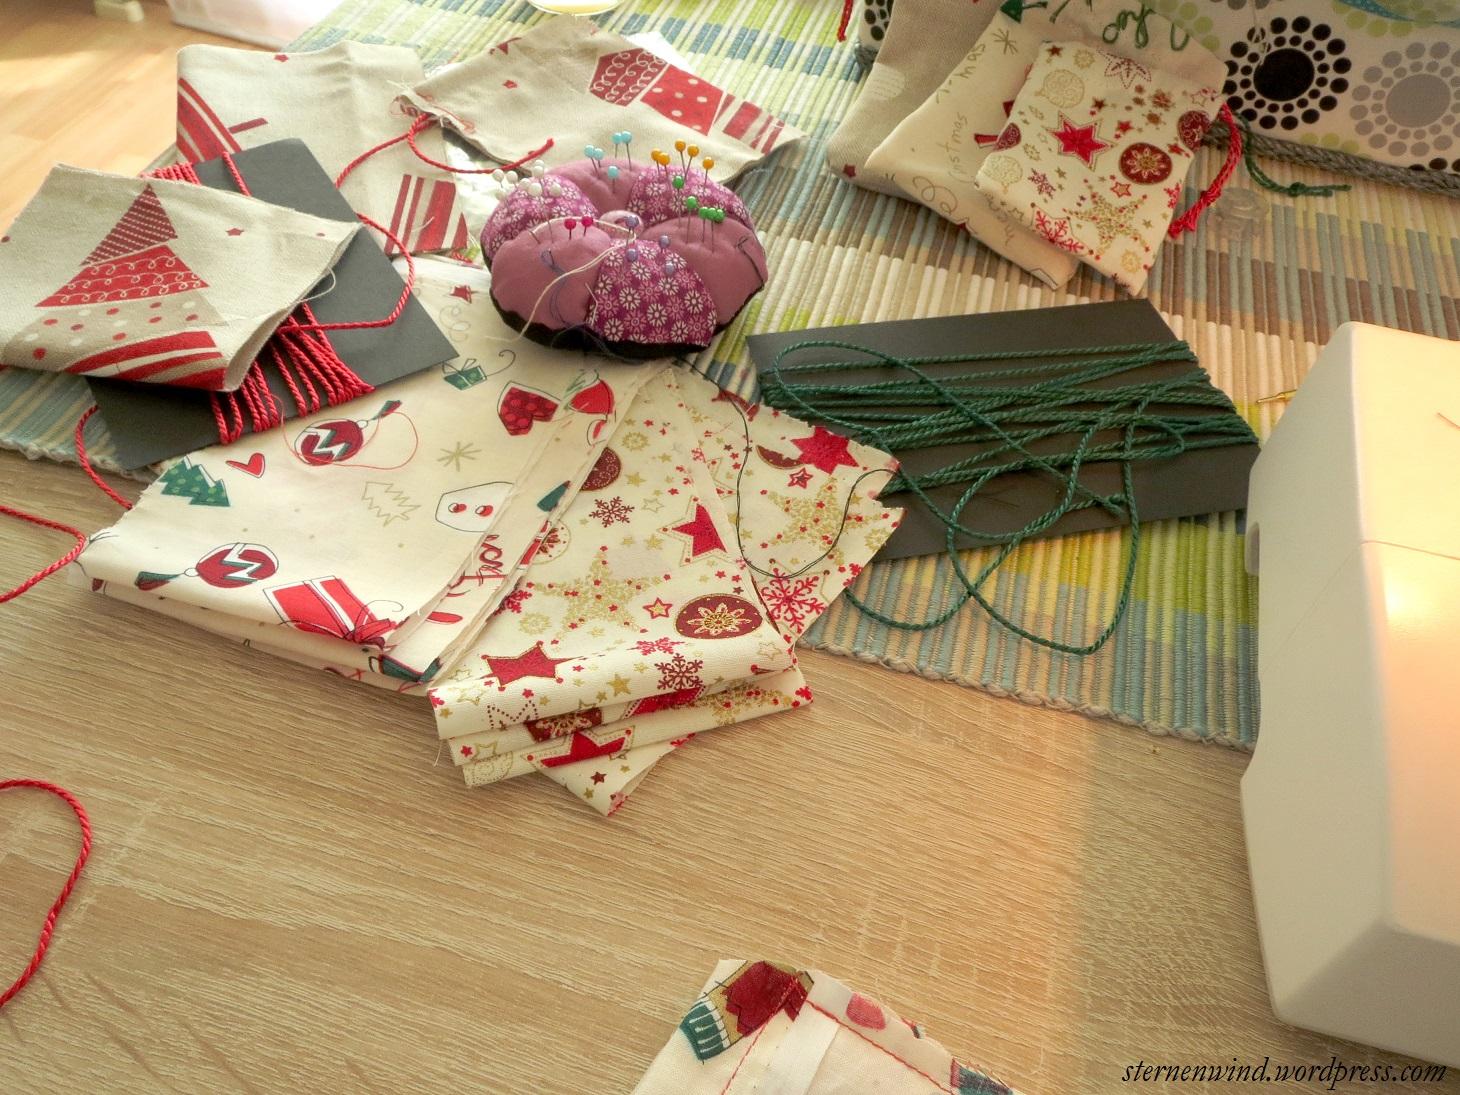 diy adventskalender aus stoff selber n hen teil 1. Black Bedroom Furniture Sets. Home Design Ideas